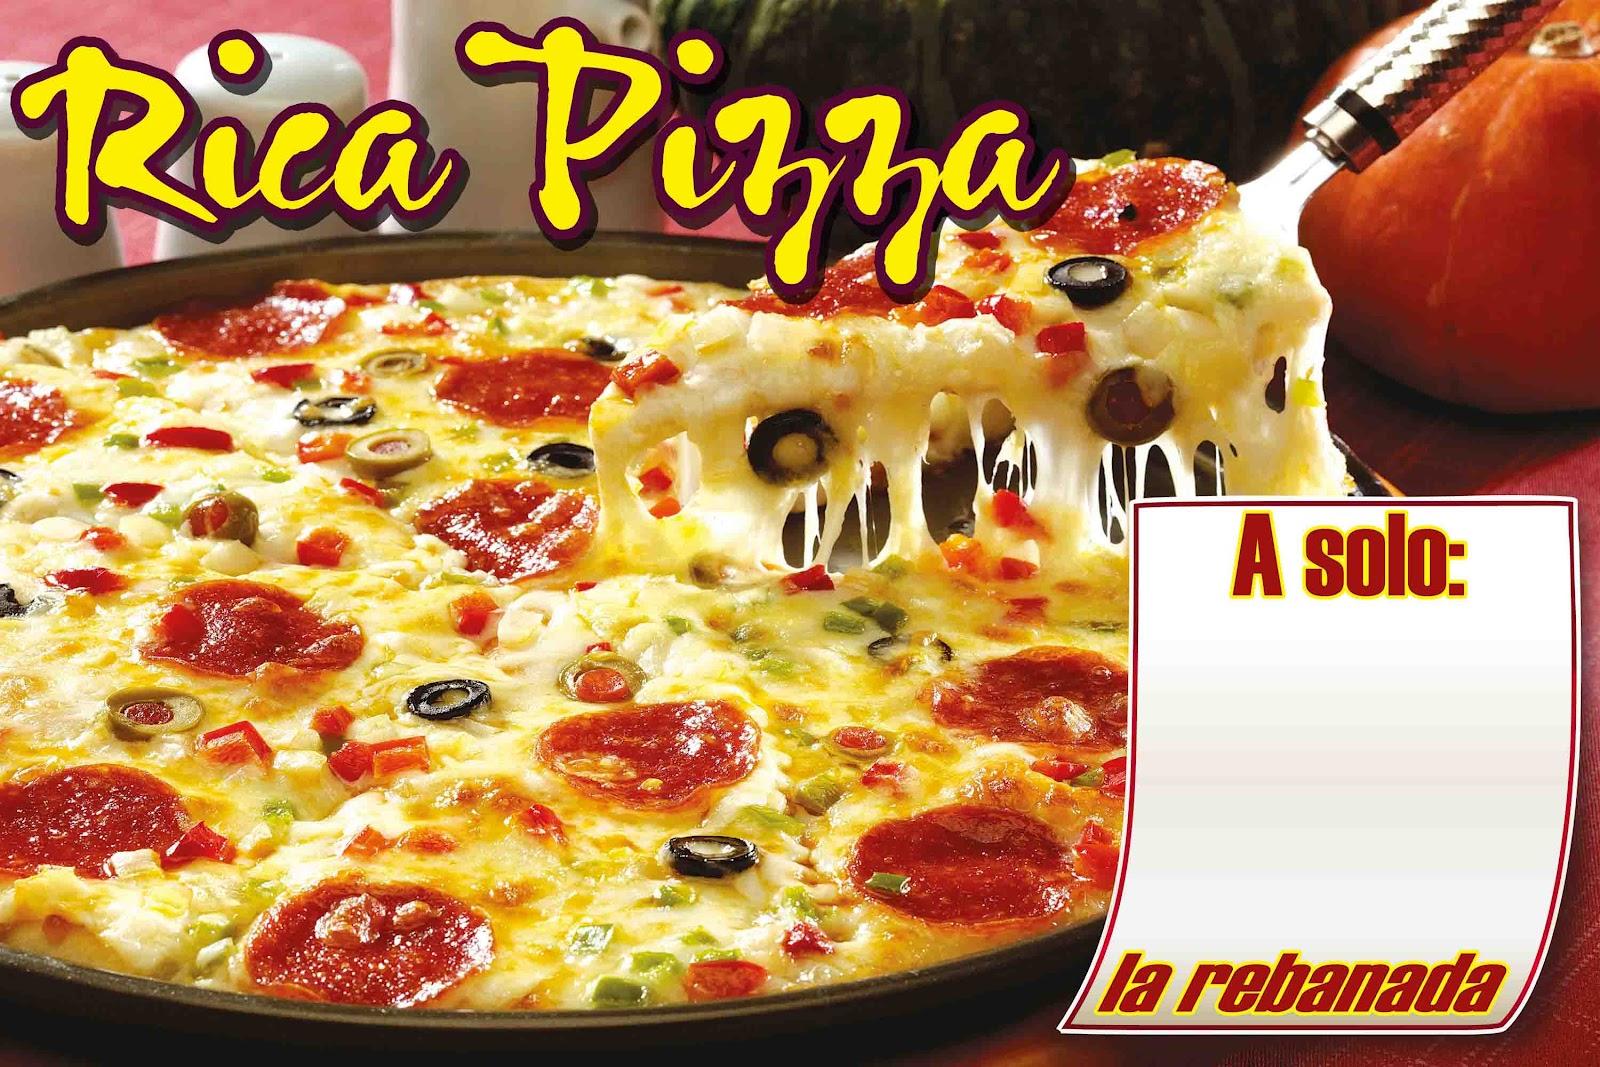 Lona para Pizzeria - Recursos para impresores y diseñadores.